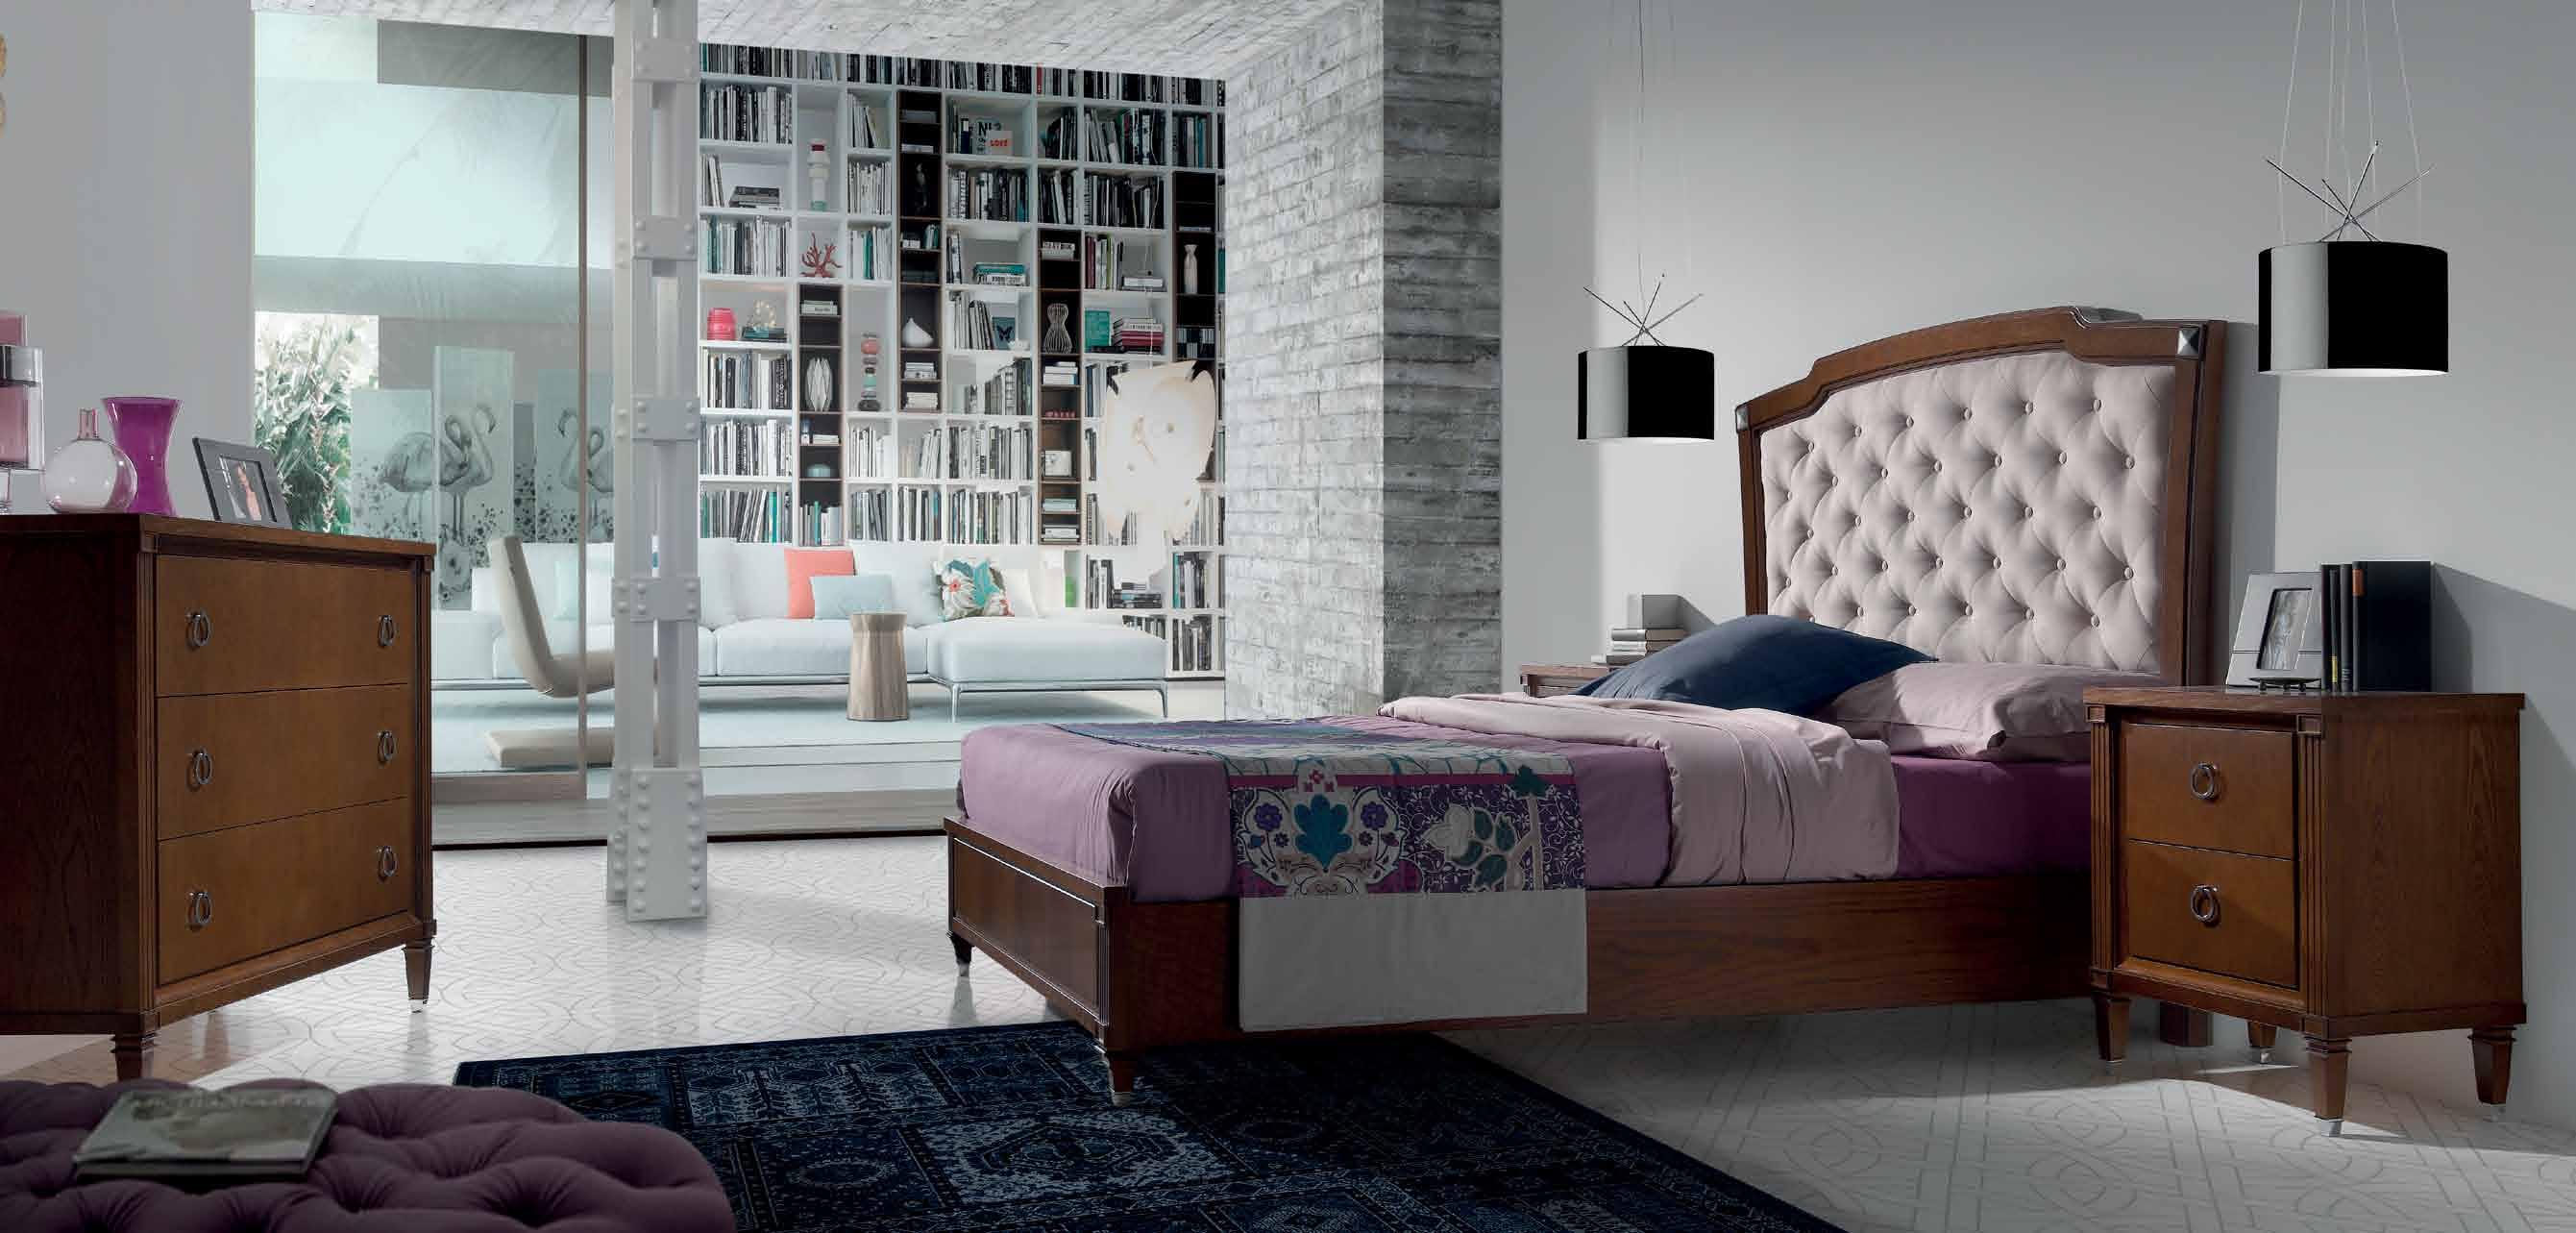 978-dormitorio-t-3